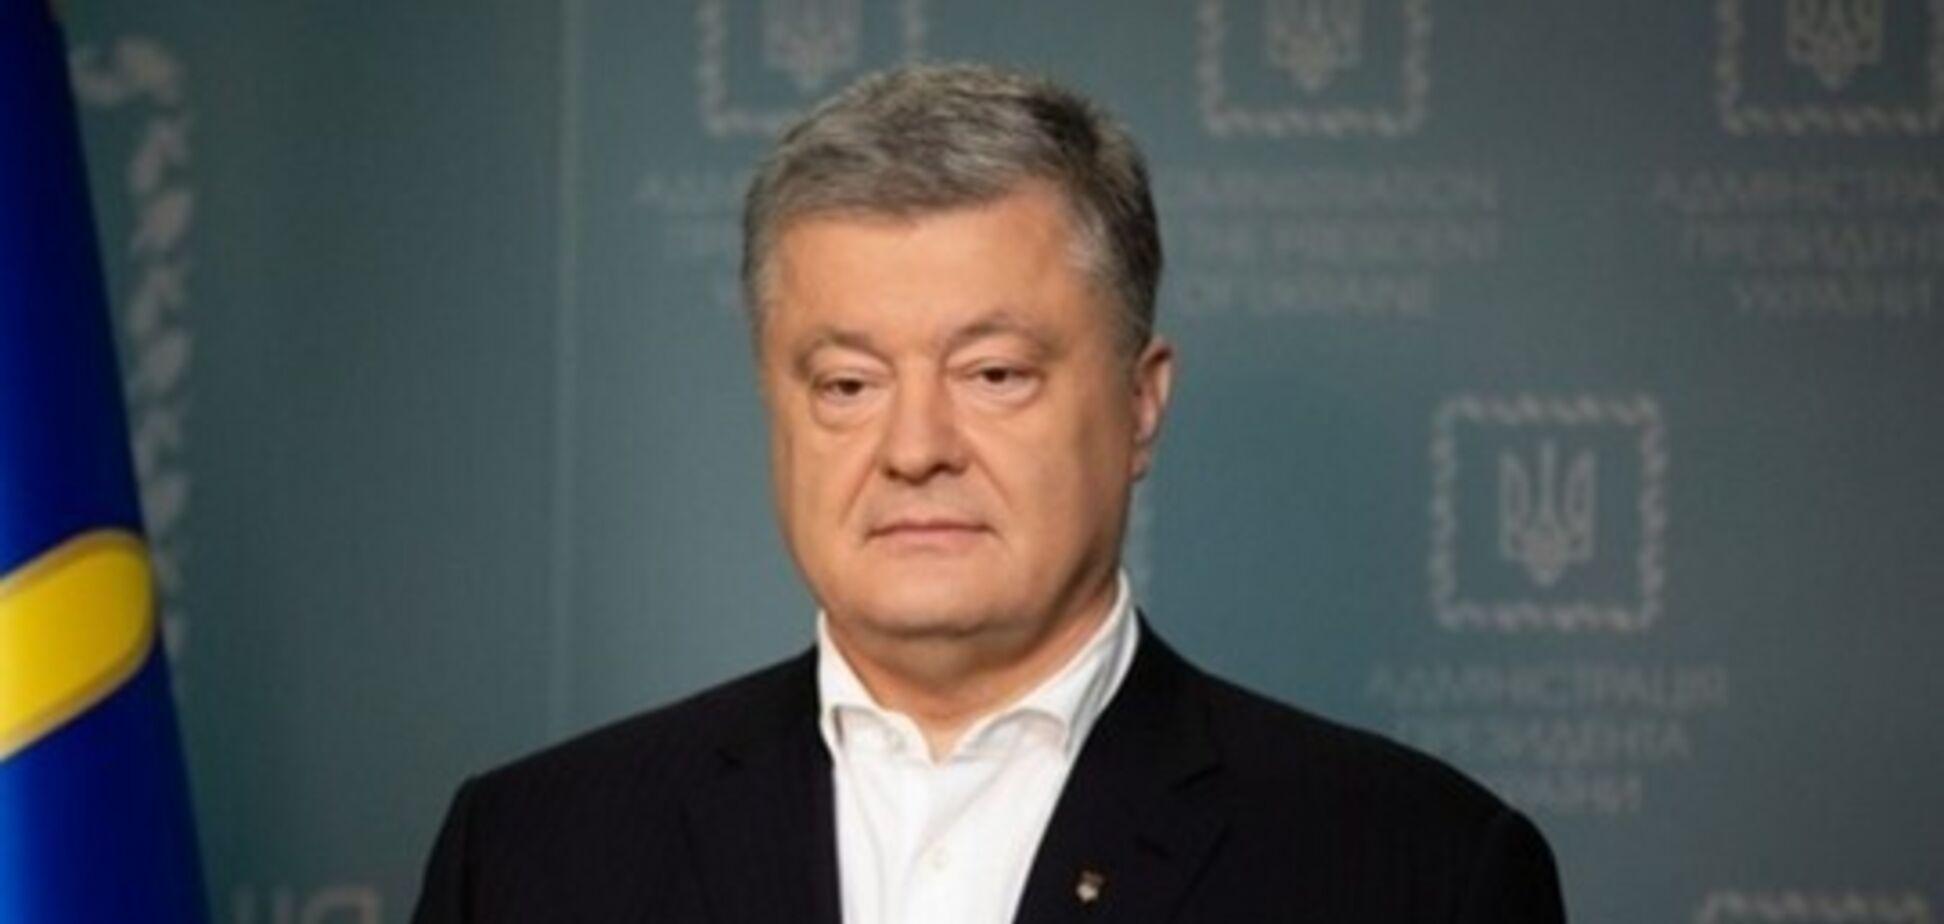 Порошенко прибыл на допрос в ГБР — СМИ